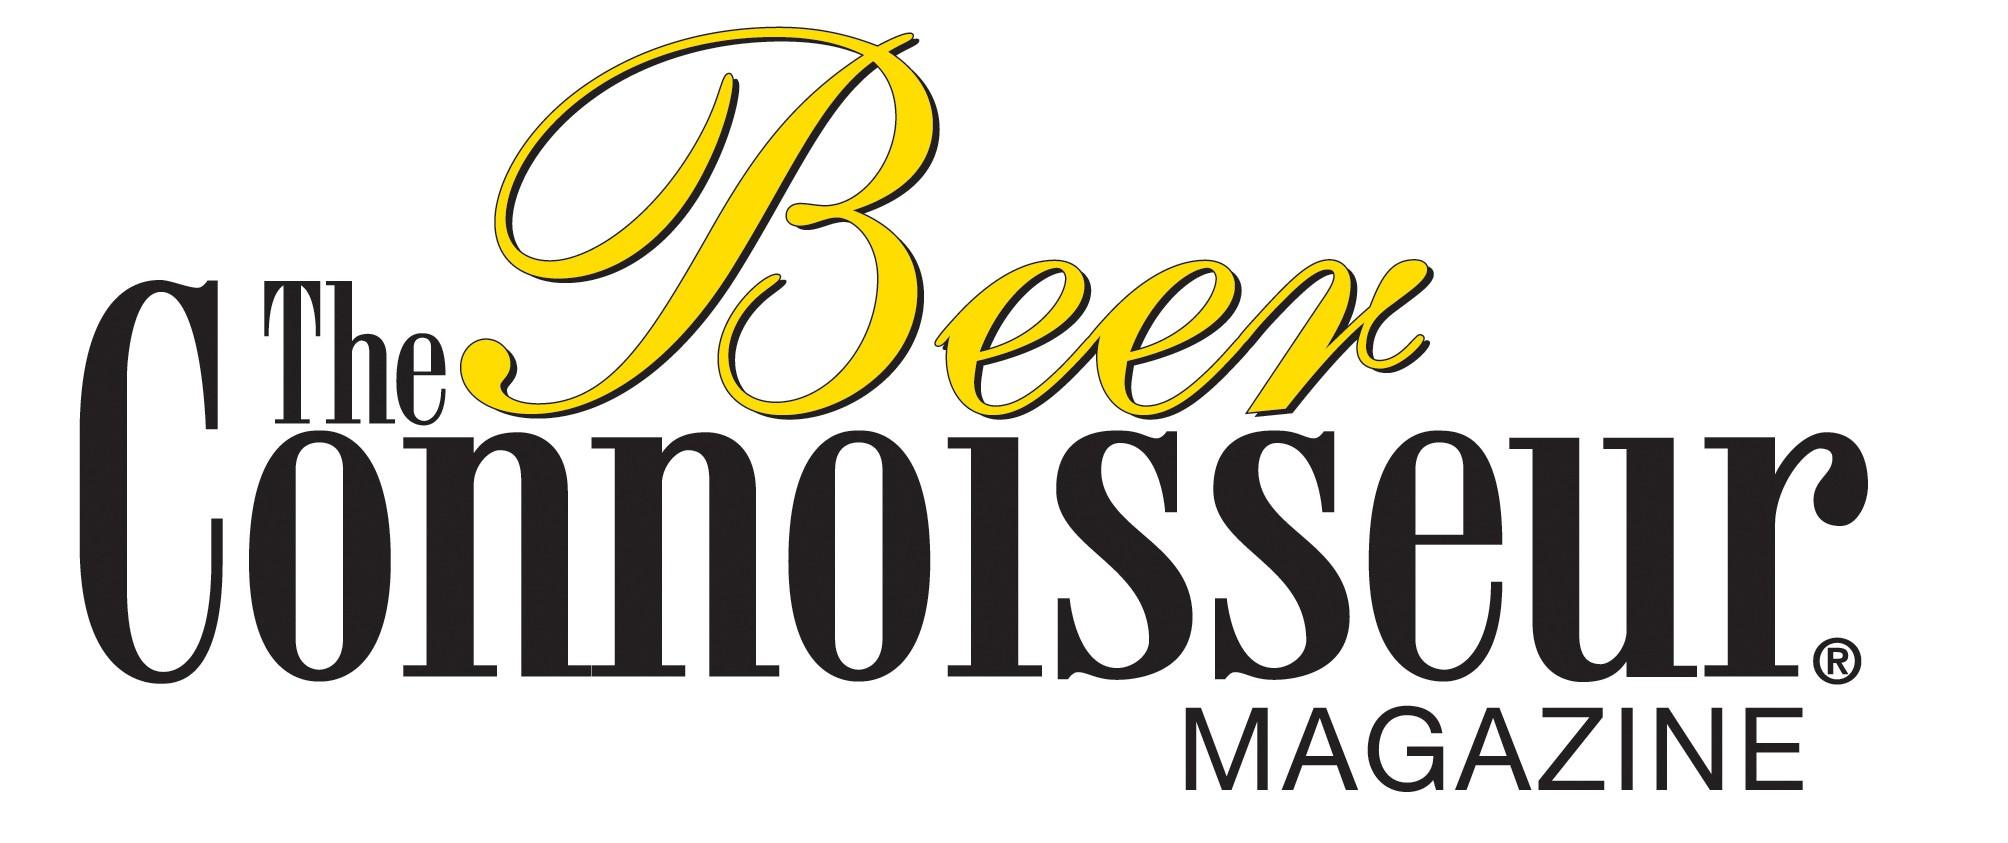 Beer Connoisseur Magazine